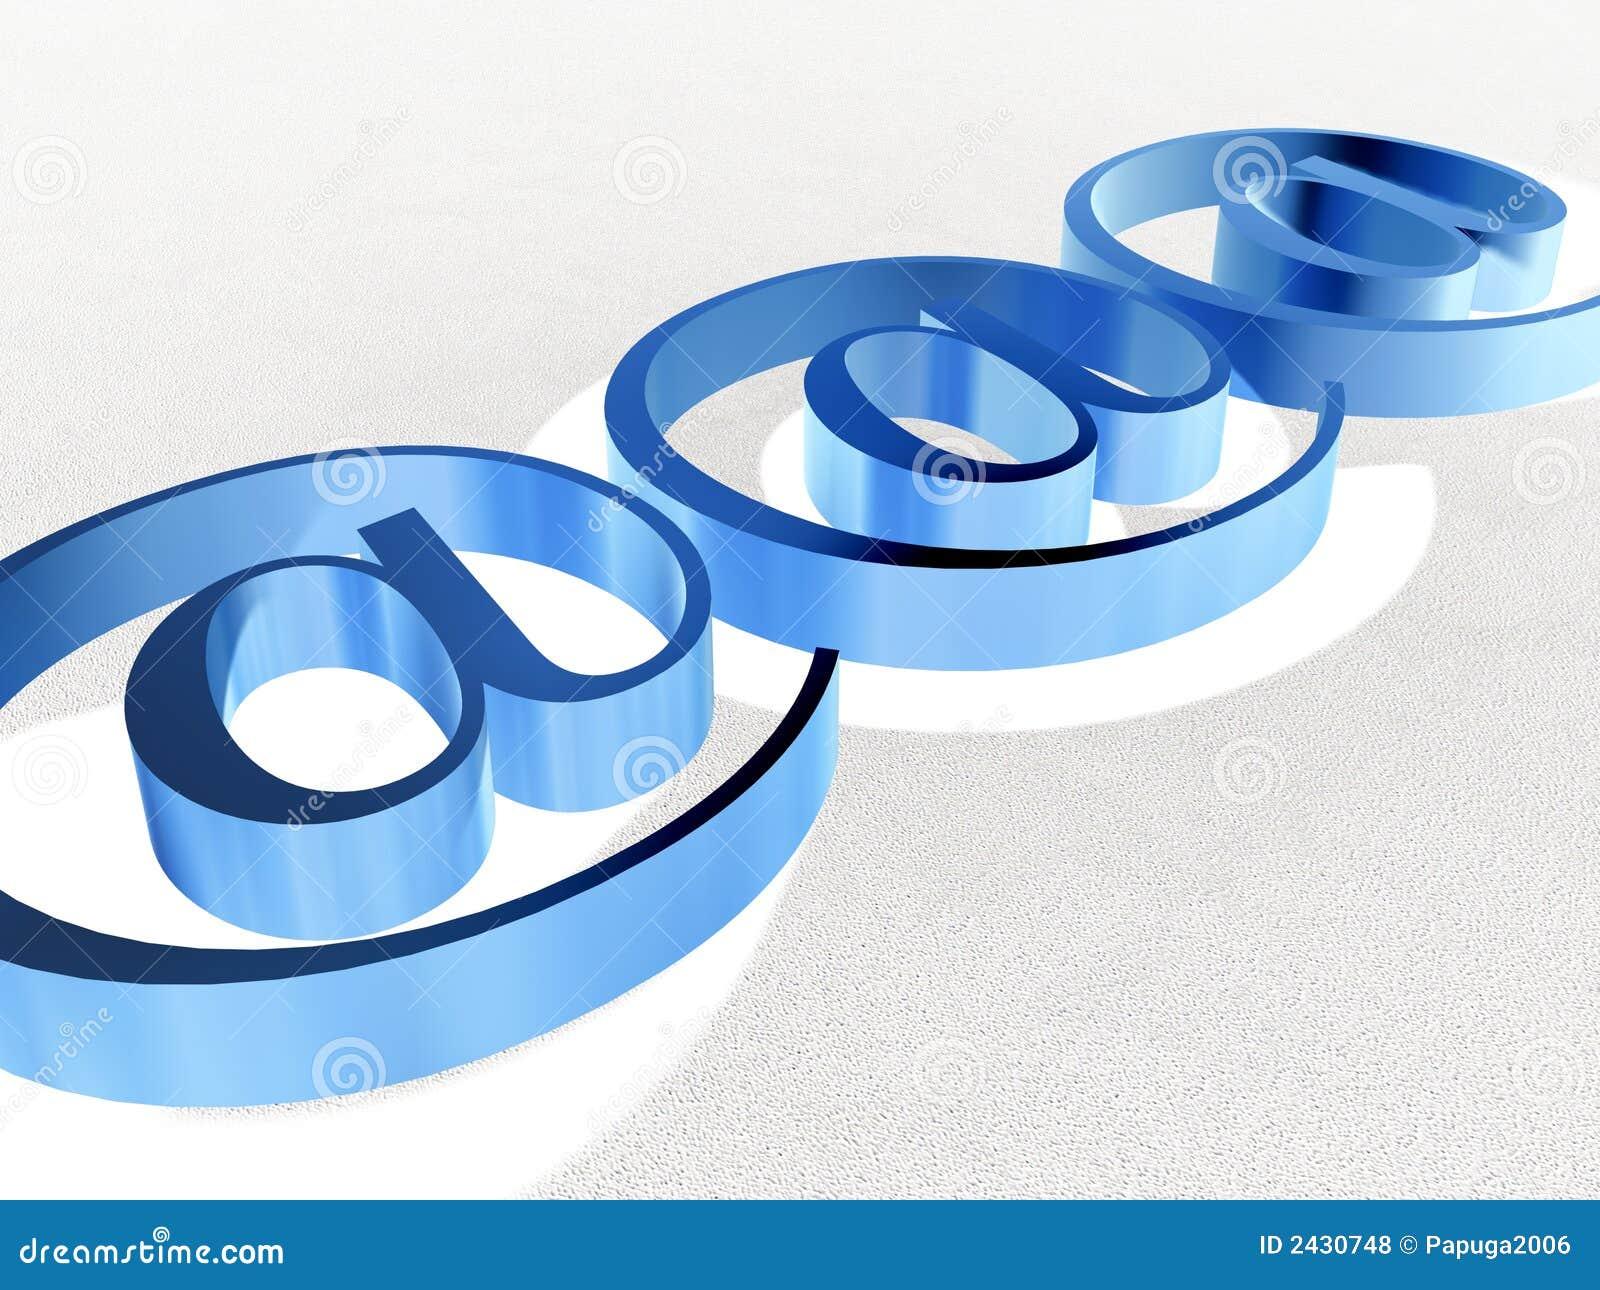 2蓝色符号万维网